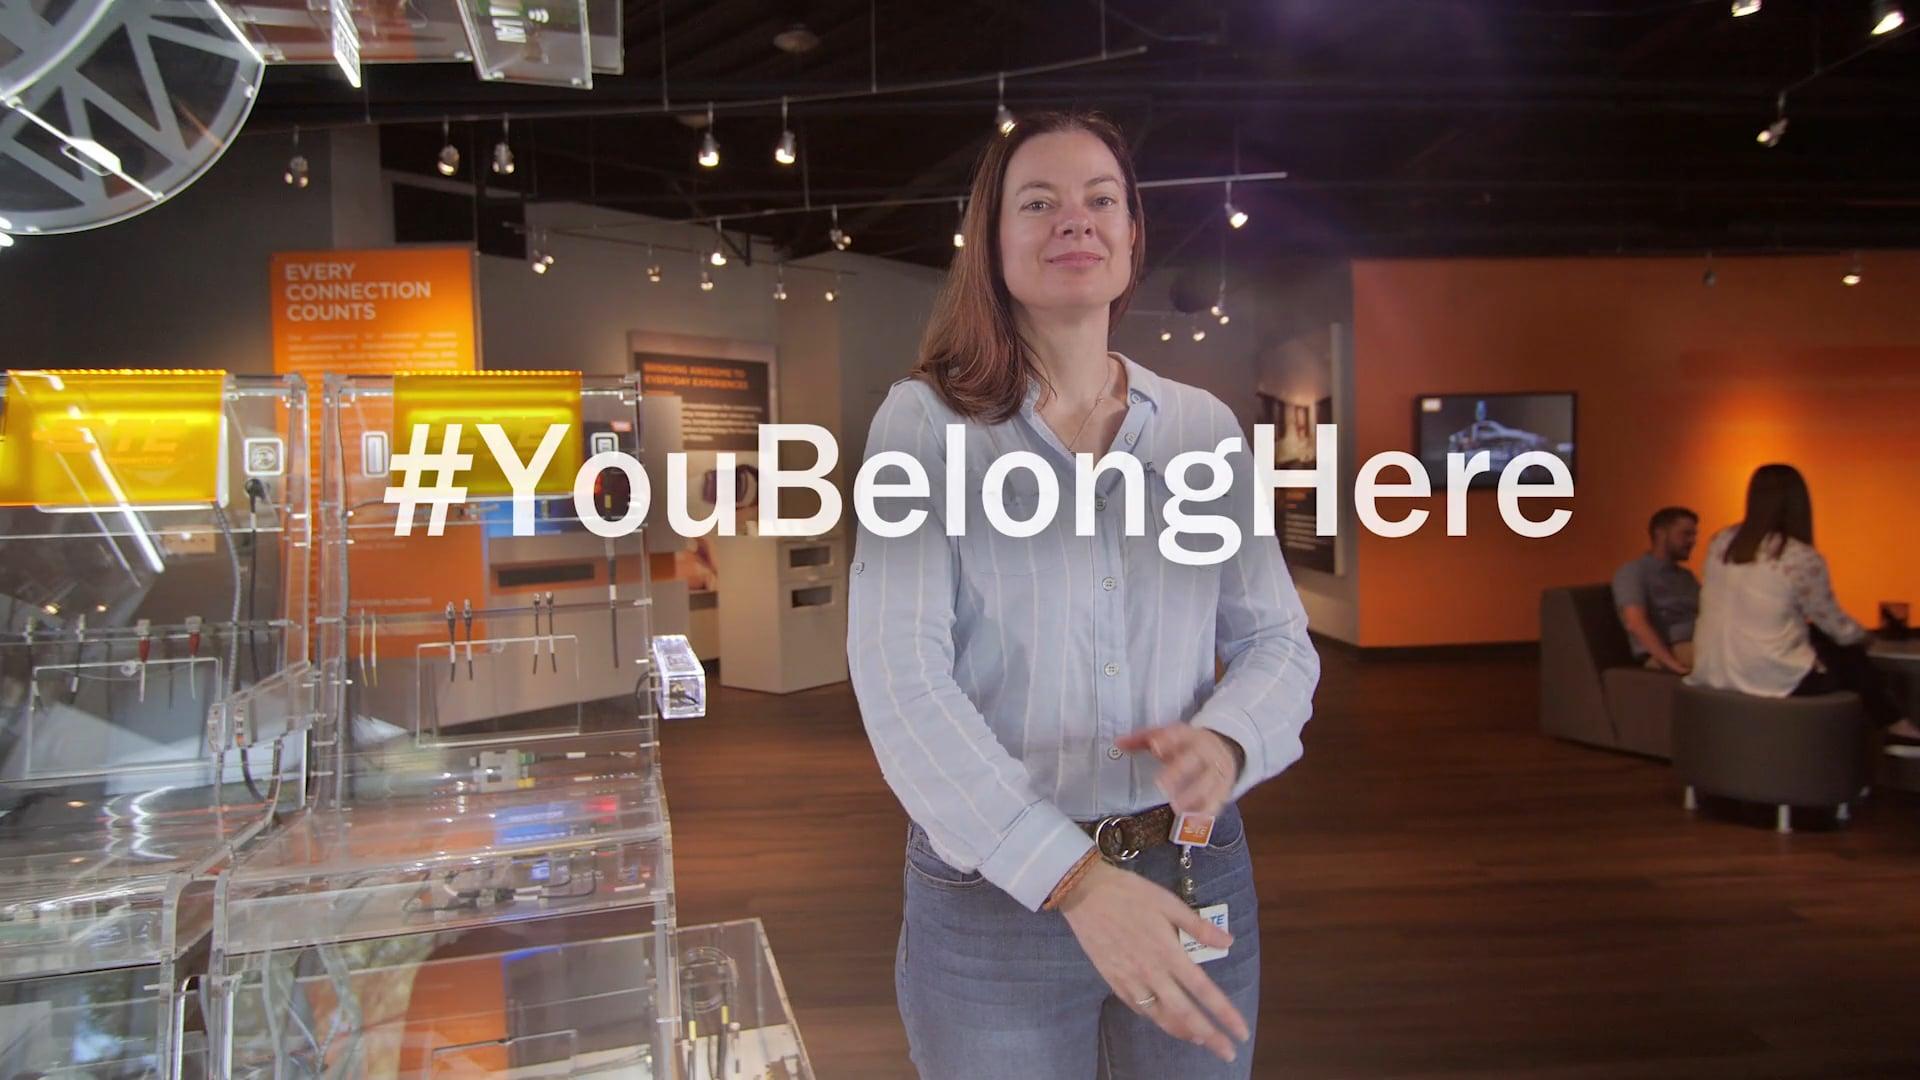 #YouBelongHere - Bronte